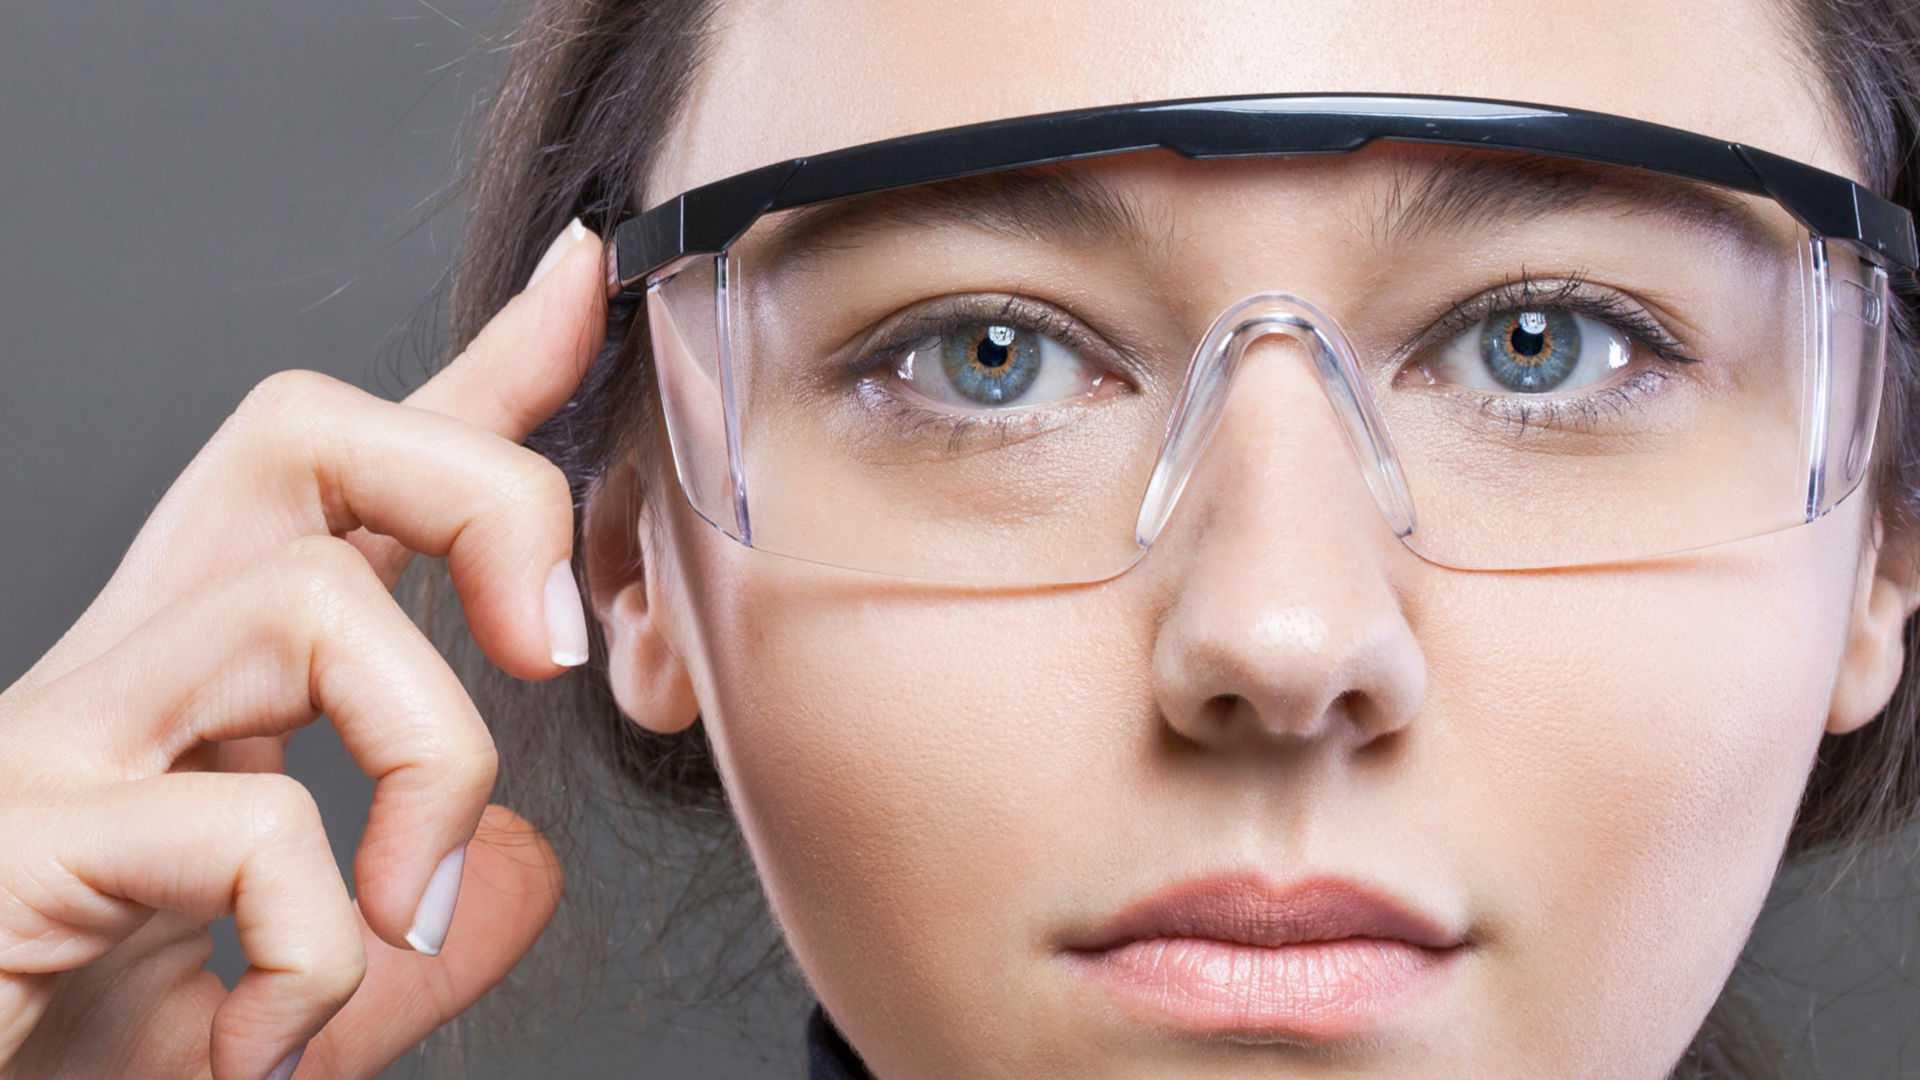 Эти очки apple покажет после iphone 8. но зачем они?